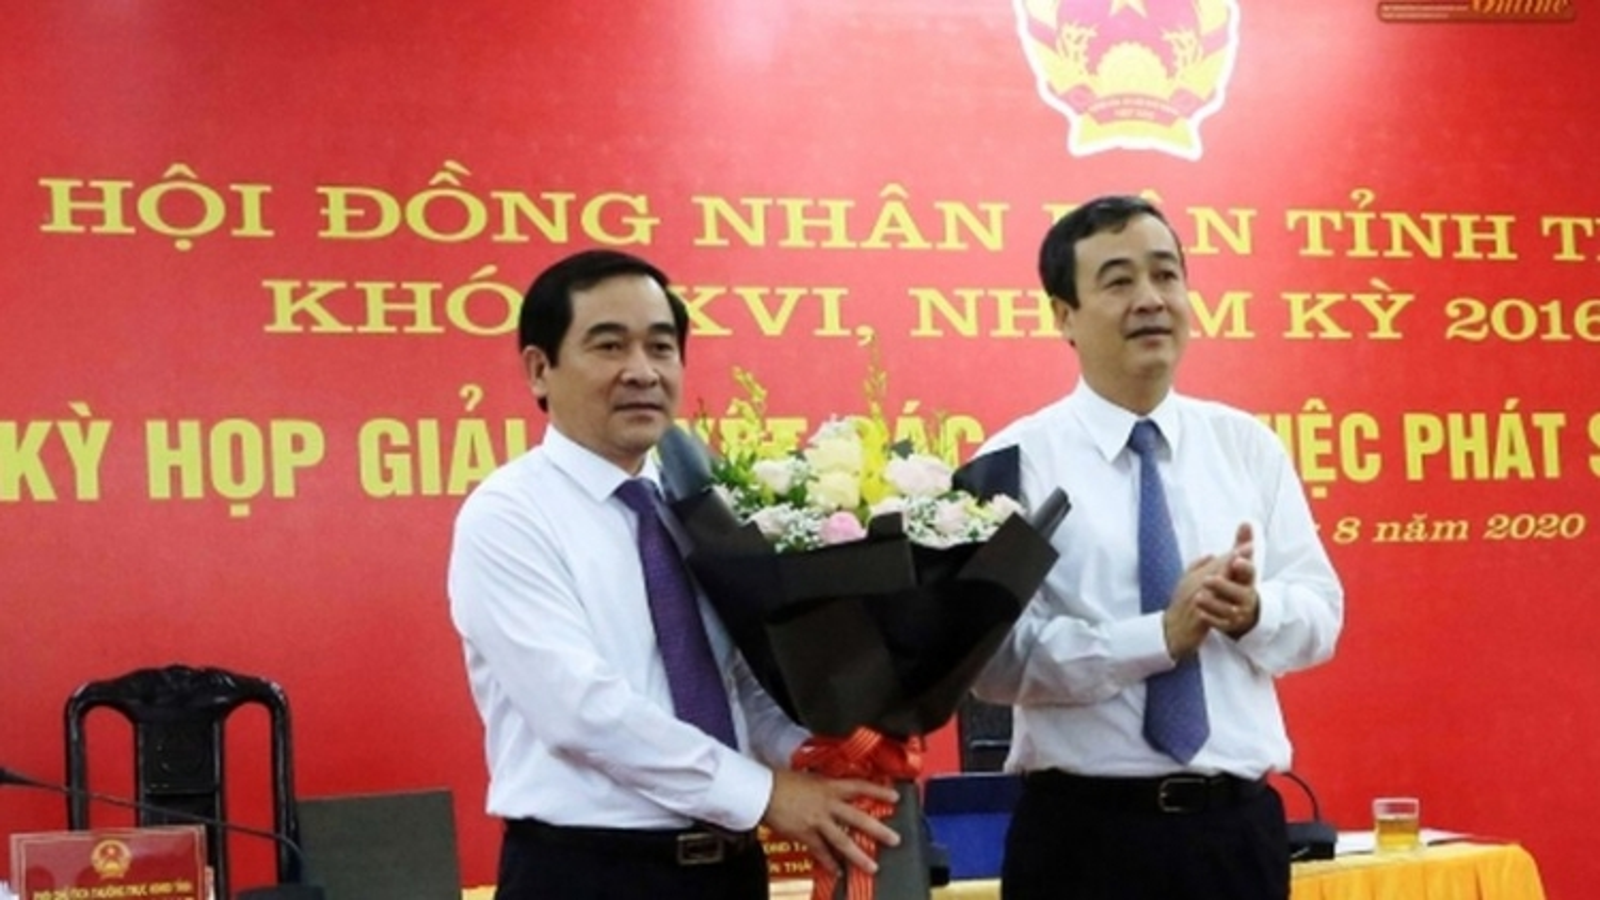 Phó Bí thư Thường trực được bầu giữ chức Chủ tịch HĐND tỉnh Thái Bình